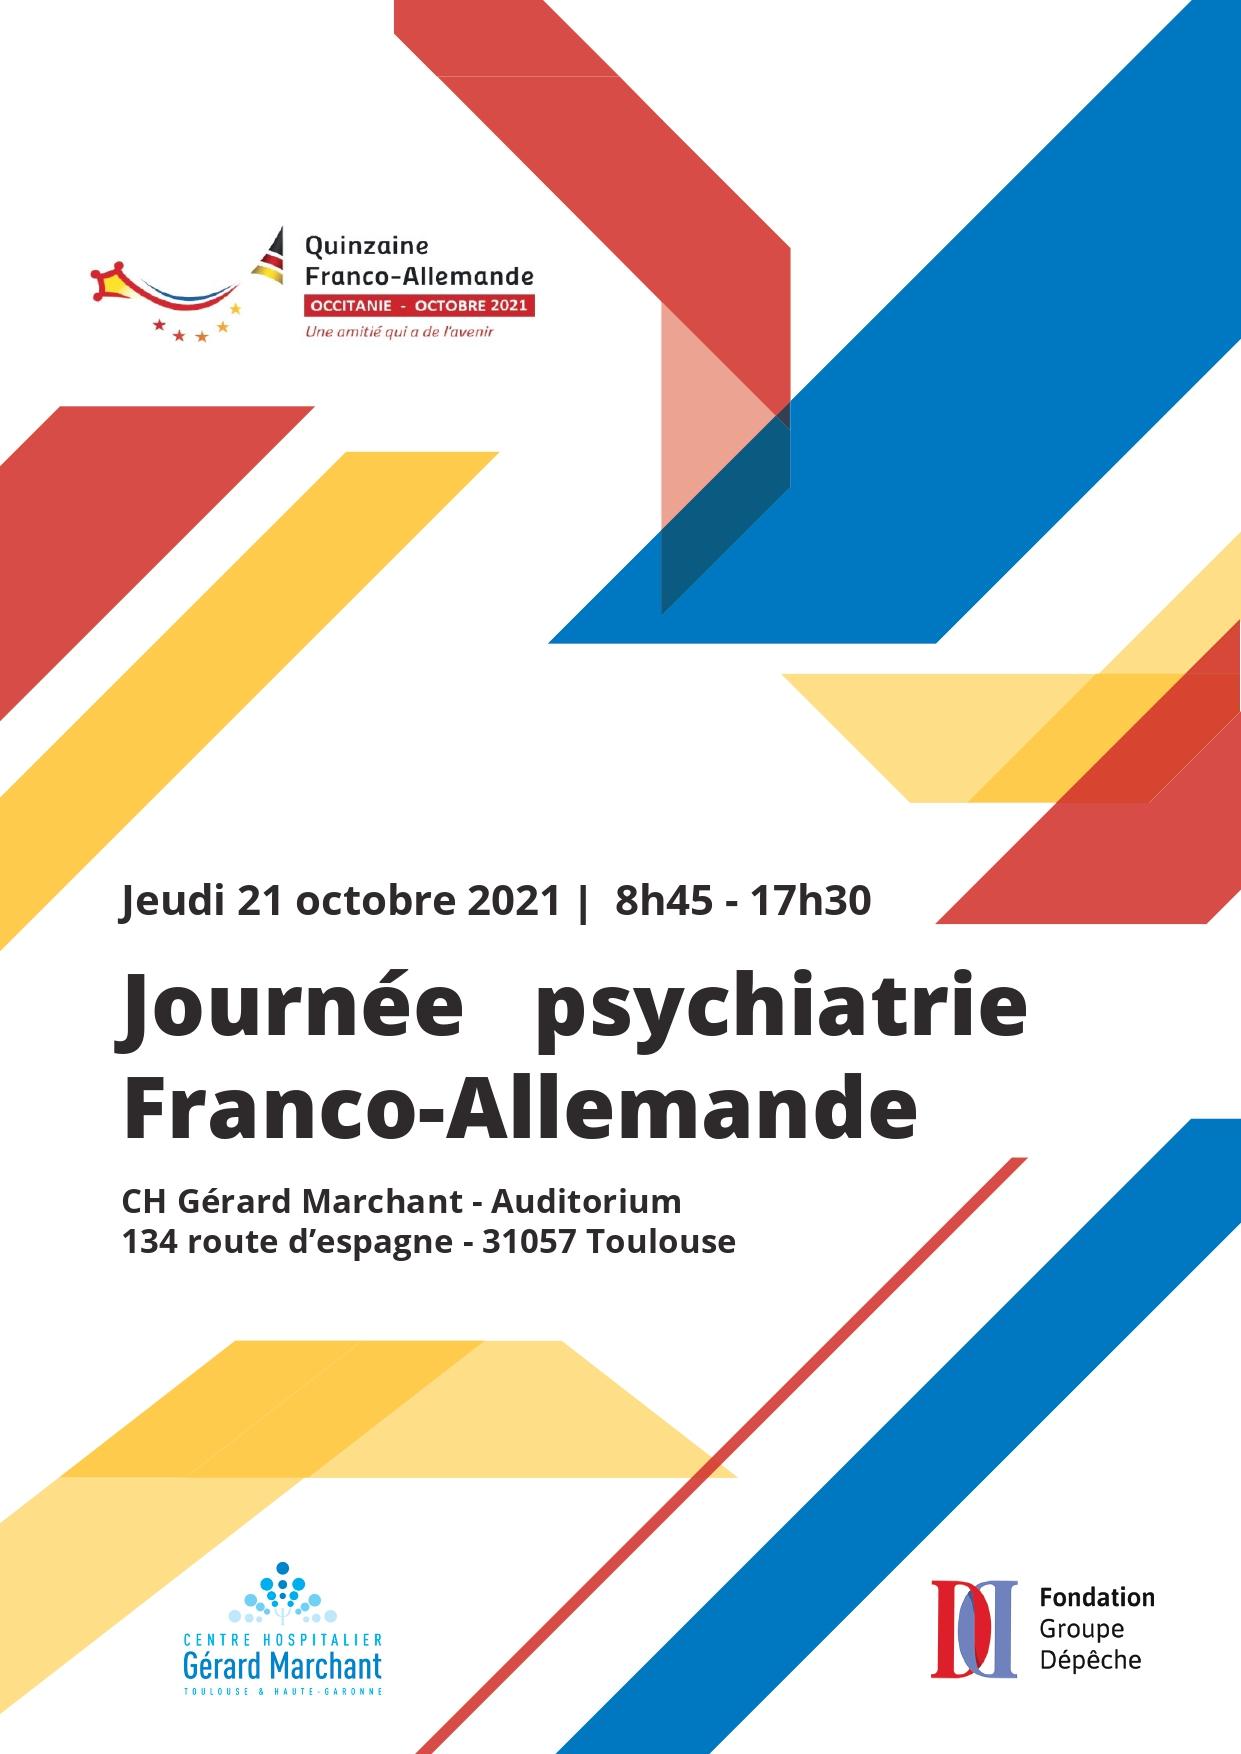 Programme_quinzaine_psychiatrieFR_ALL_lien_page-0001.jpg